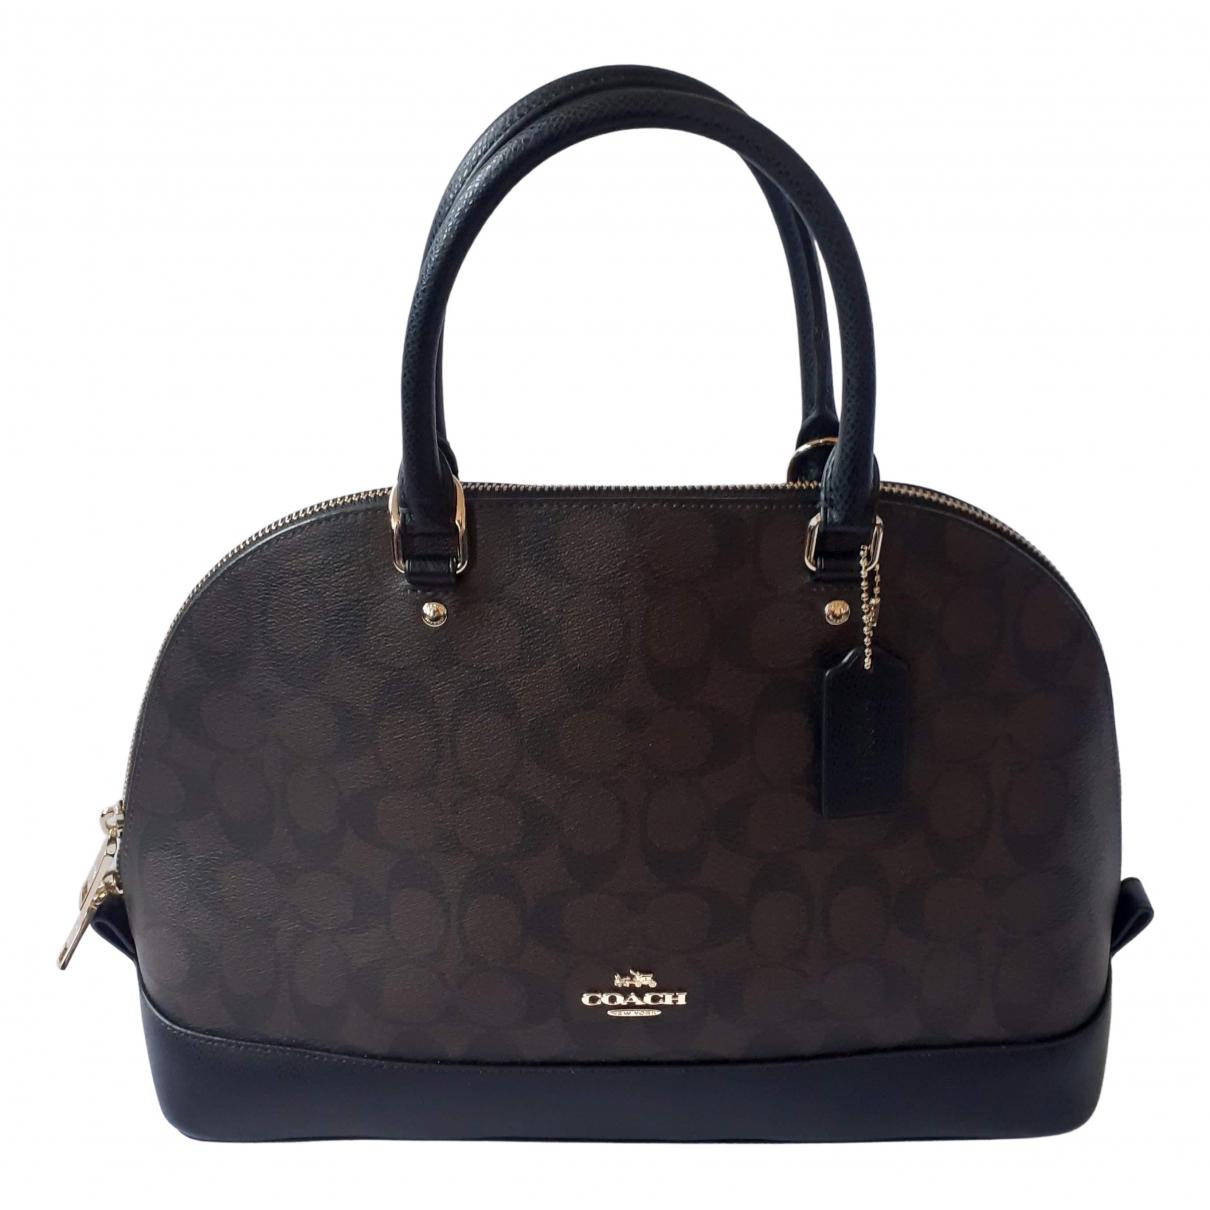 Coach Cartable mini sierra Brown Cloth handbag for Women N